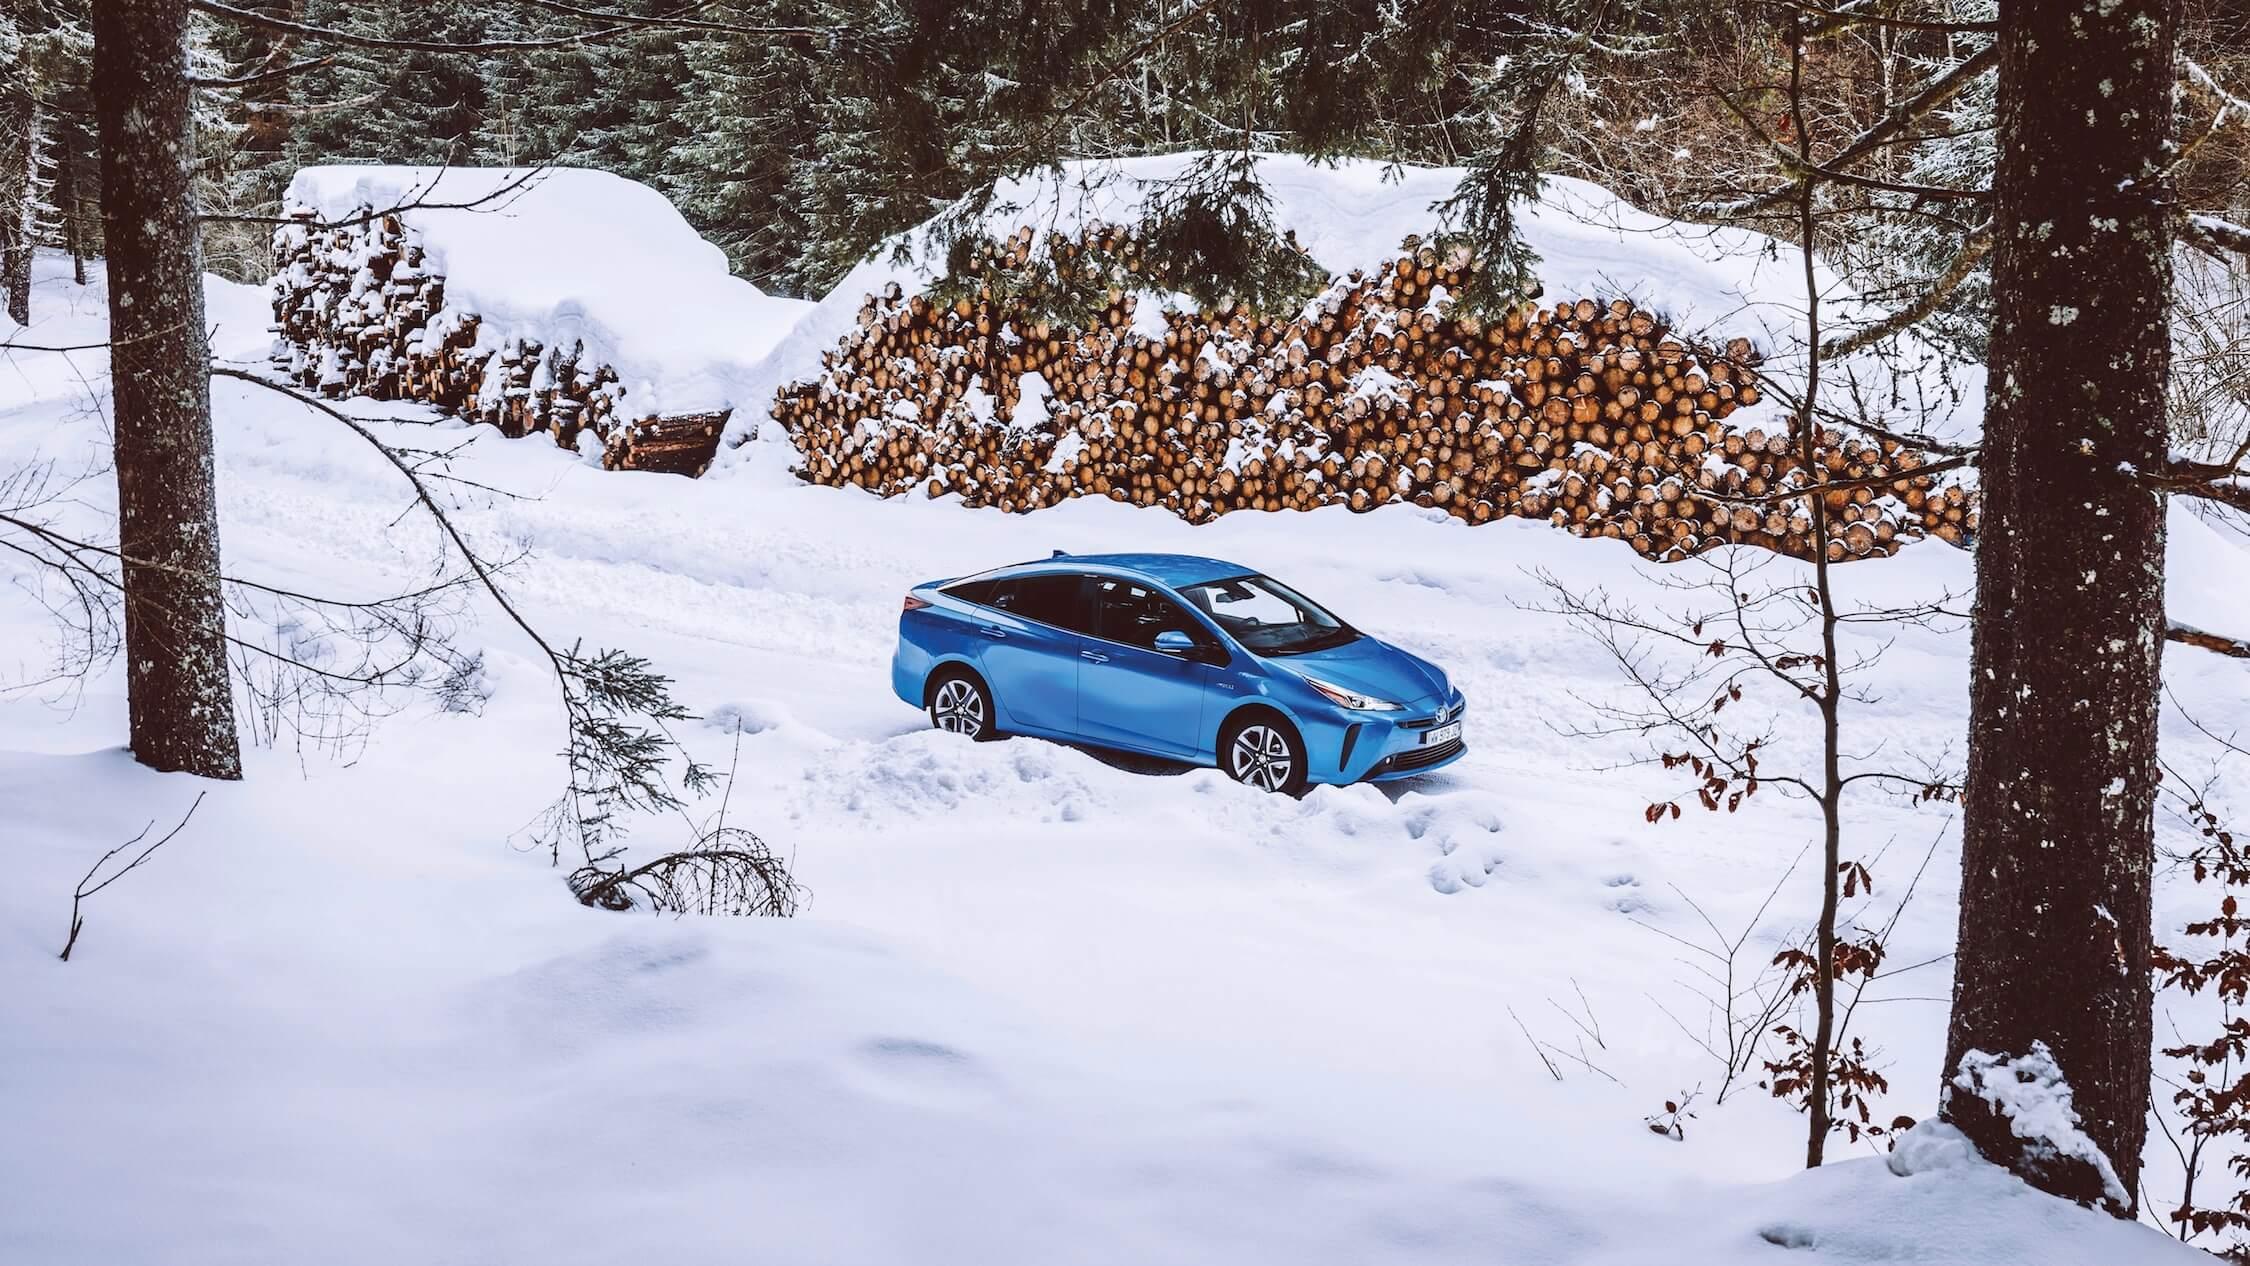 Toyota Prius 4×4 sneeuw